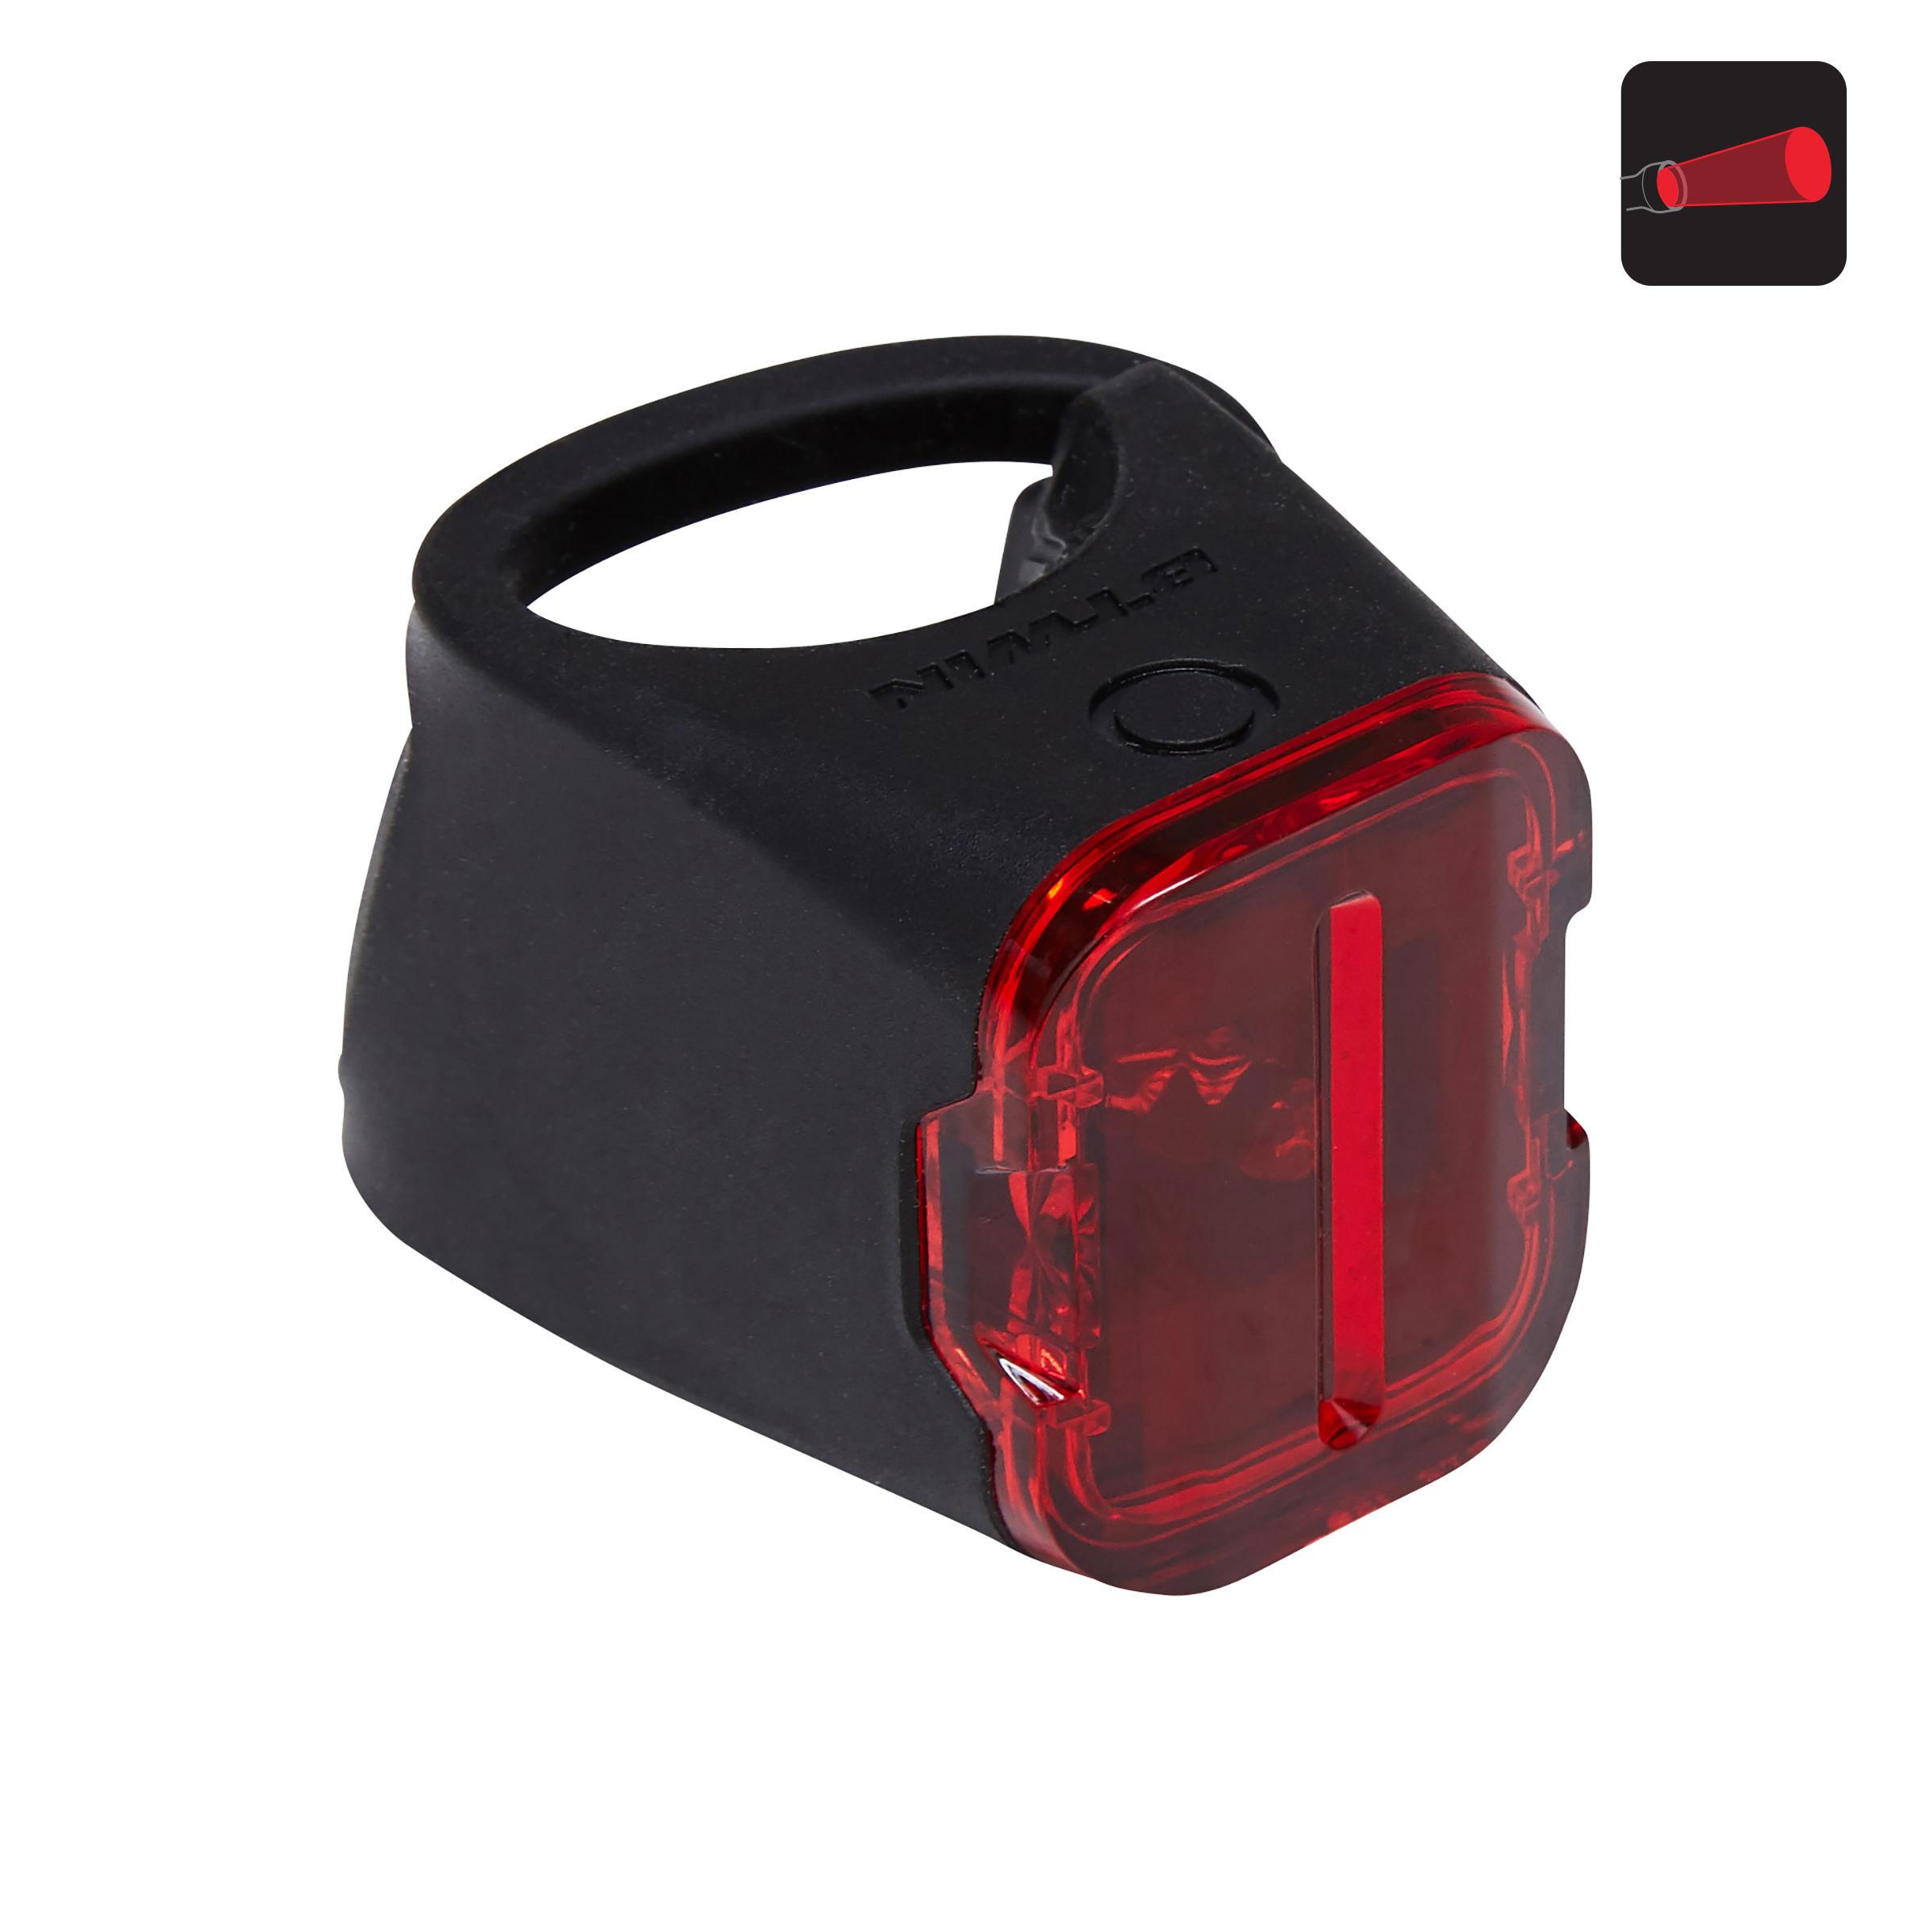 B'twin Ledachterlicht voor fiets Vioo 500 Road USB